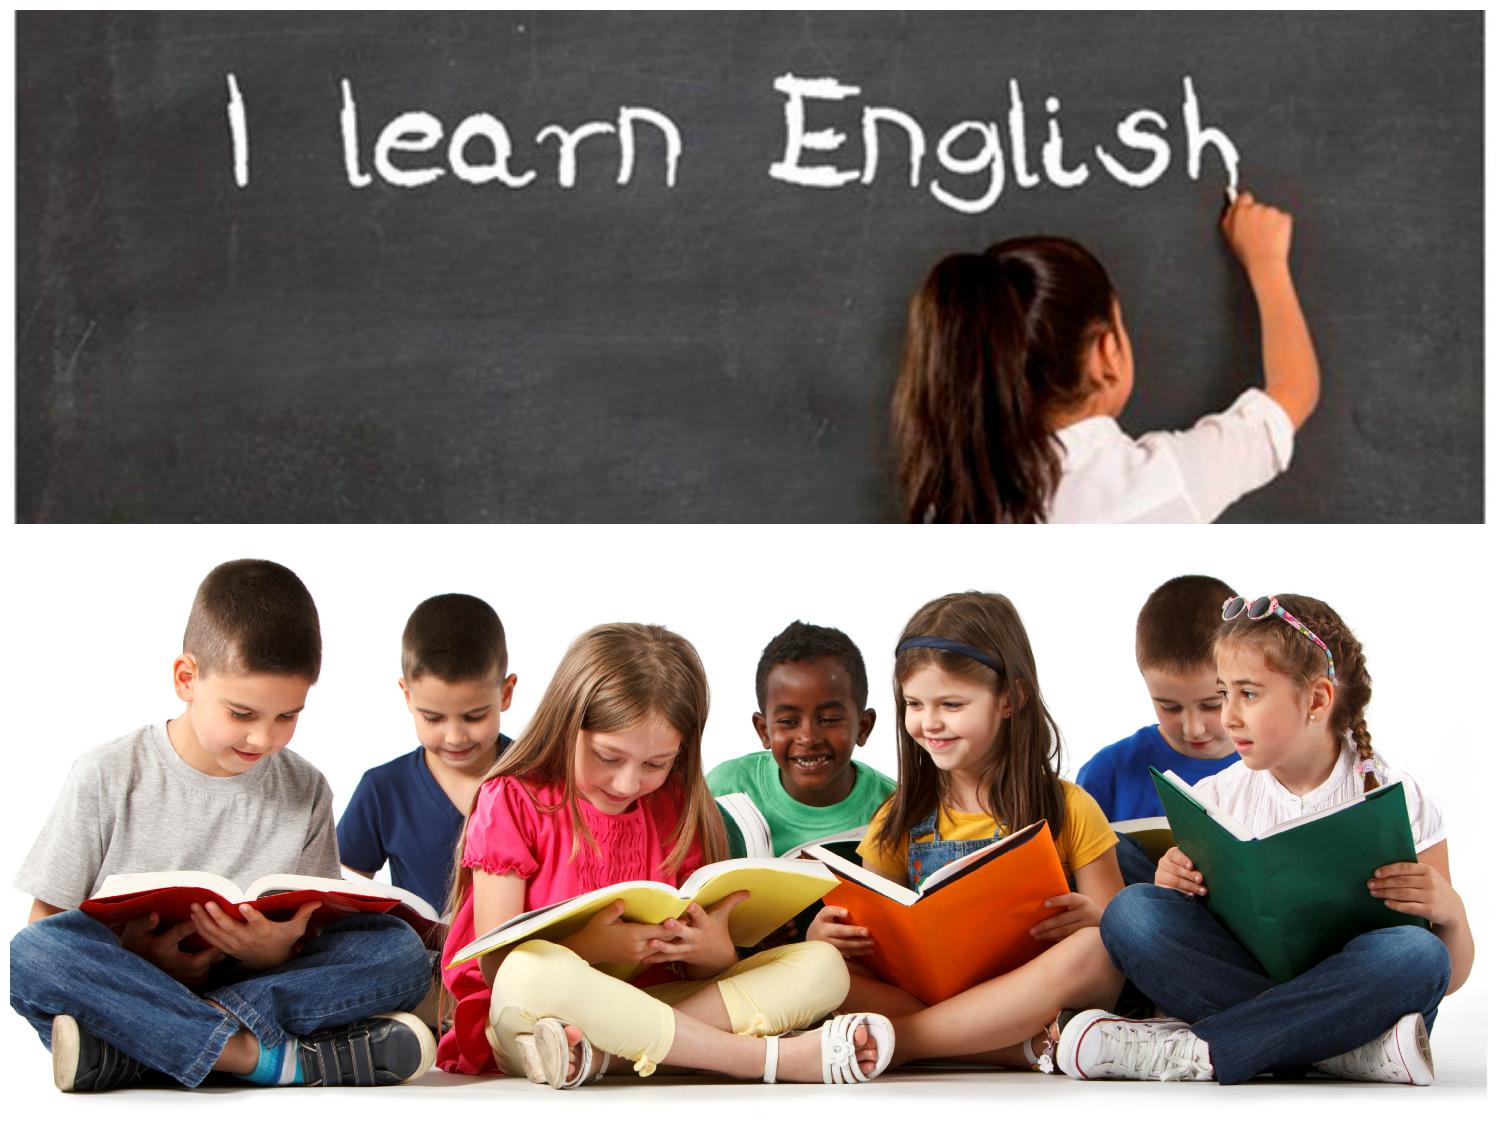 діти з книжками вчать англійську за кордоном